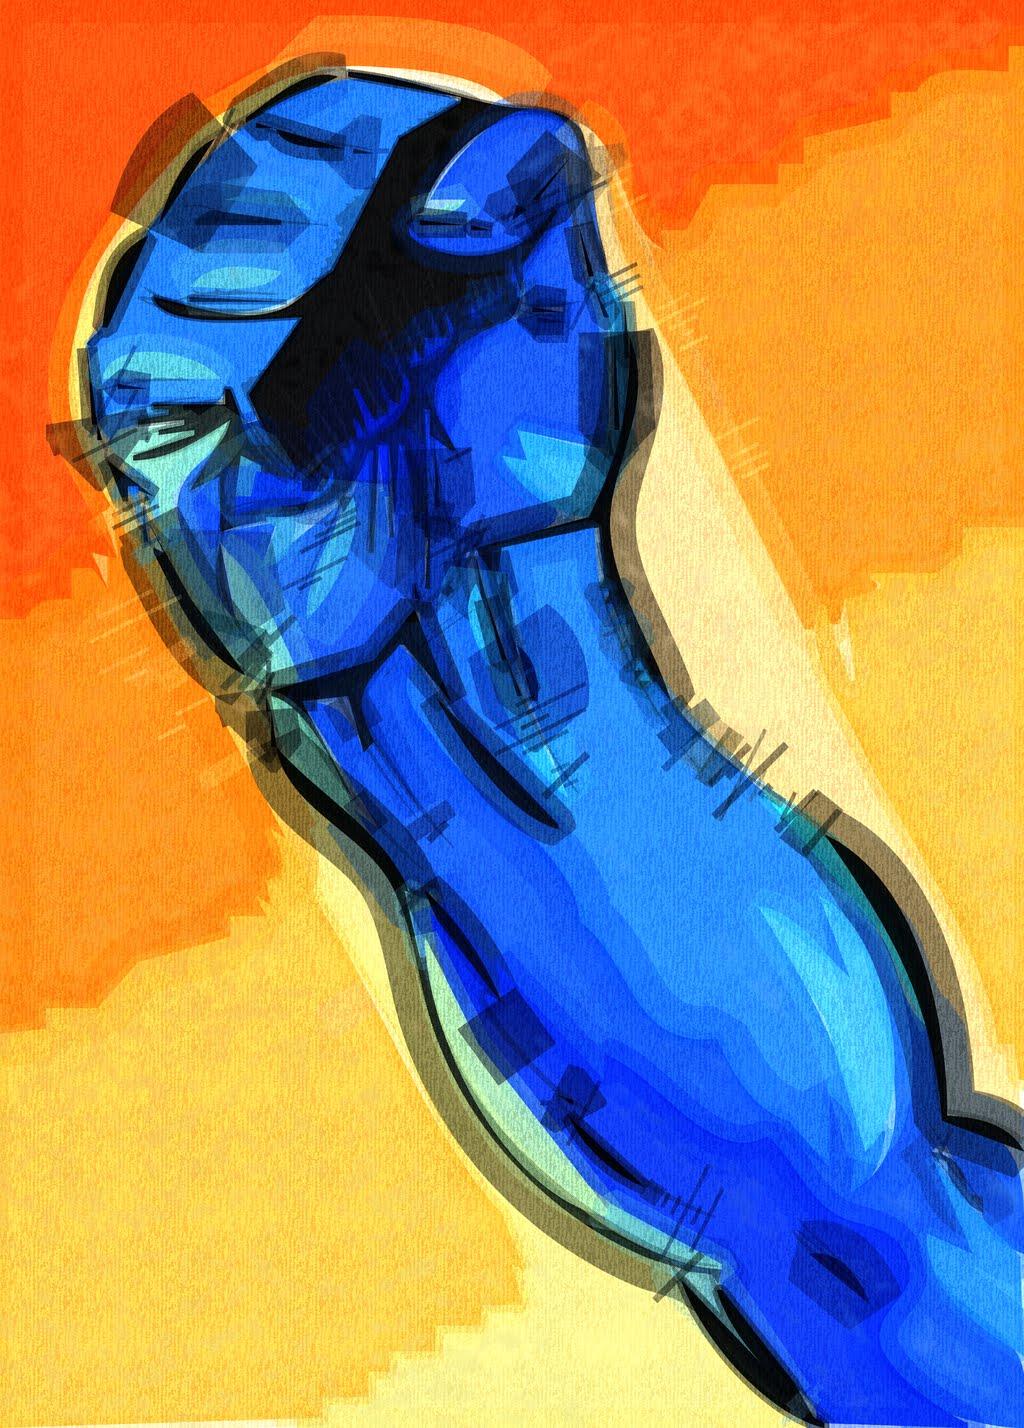 http://2.bp.blogspot.com/_-rsvhheSwmY/TJ-w3gZaJzI/AAAAAAAAL68/8lOyuh7Sfy0/s1600/superhero-fist-in-the-air-pop-art_wallpaper.jpg